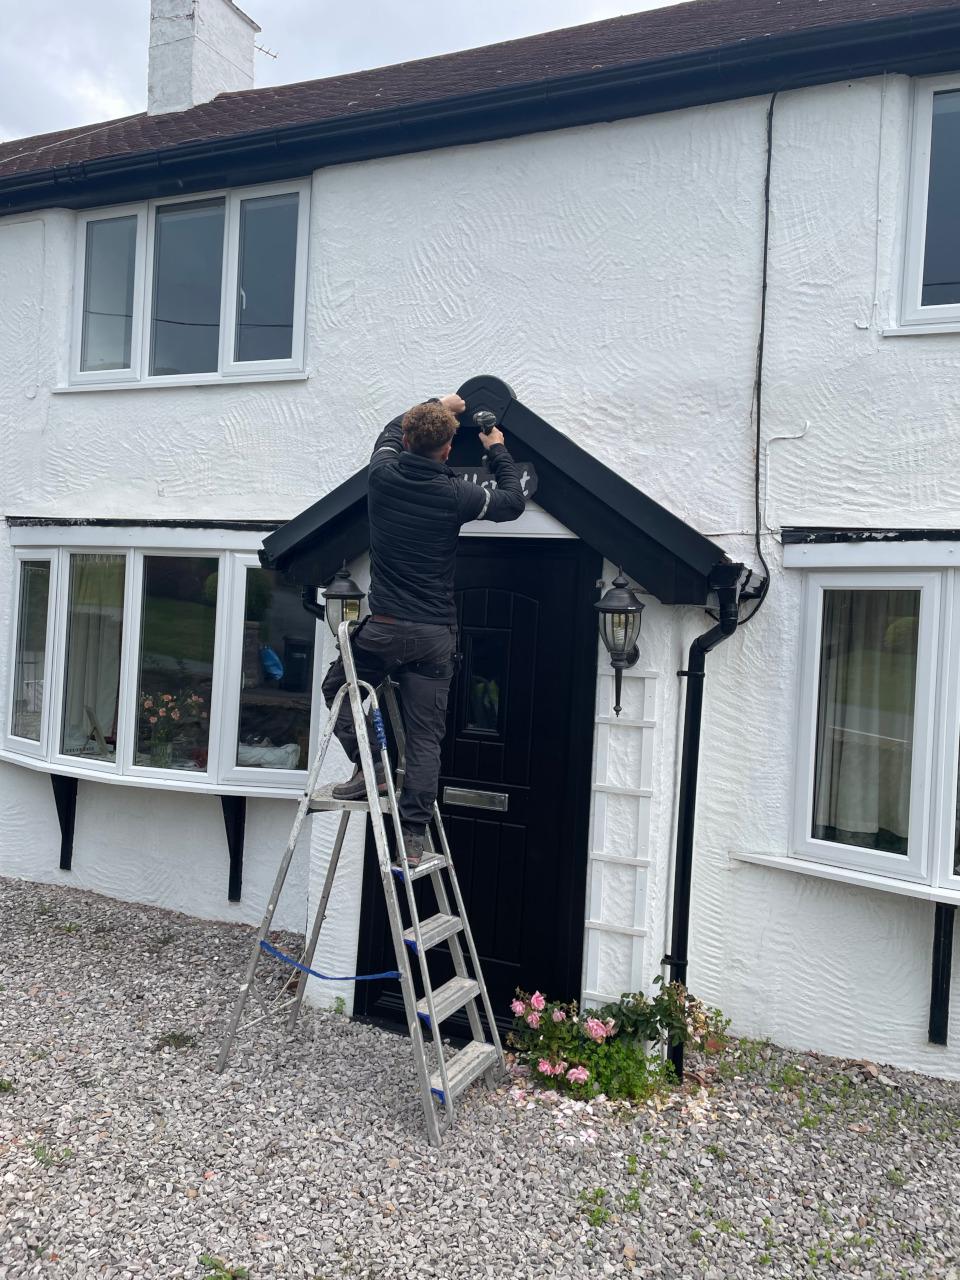 Slate roof repair in Abergele.